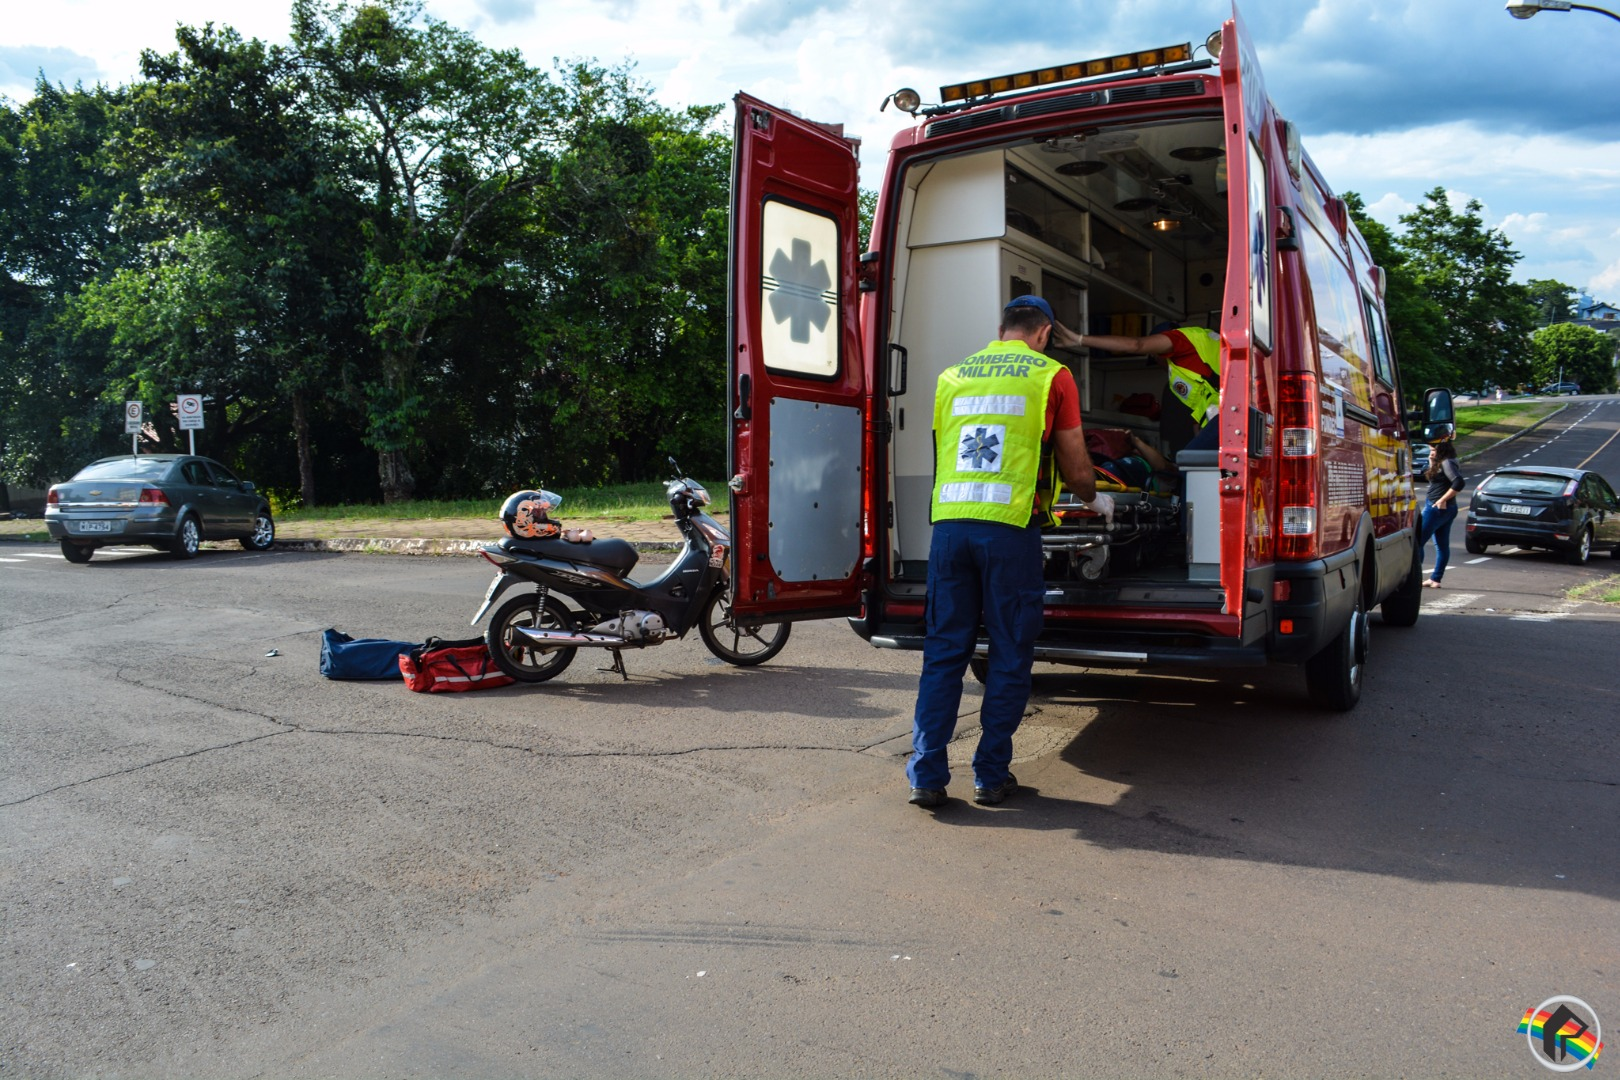 Motociclista fica ferida em colisão no centro de São Miguel do Oeste